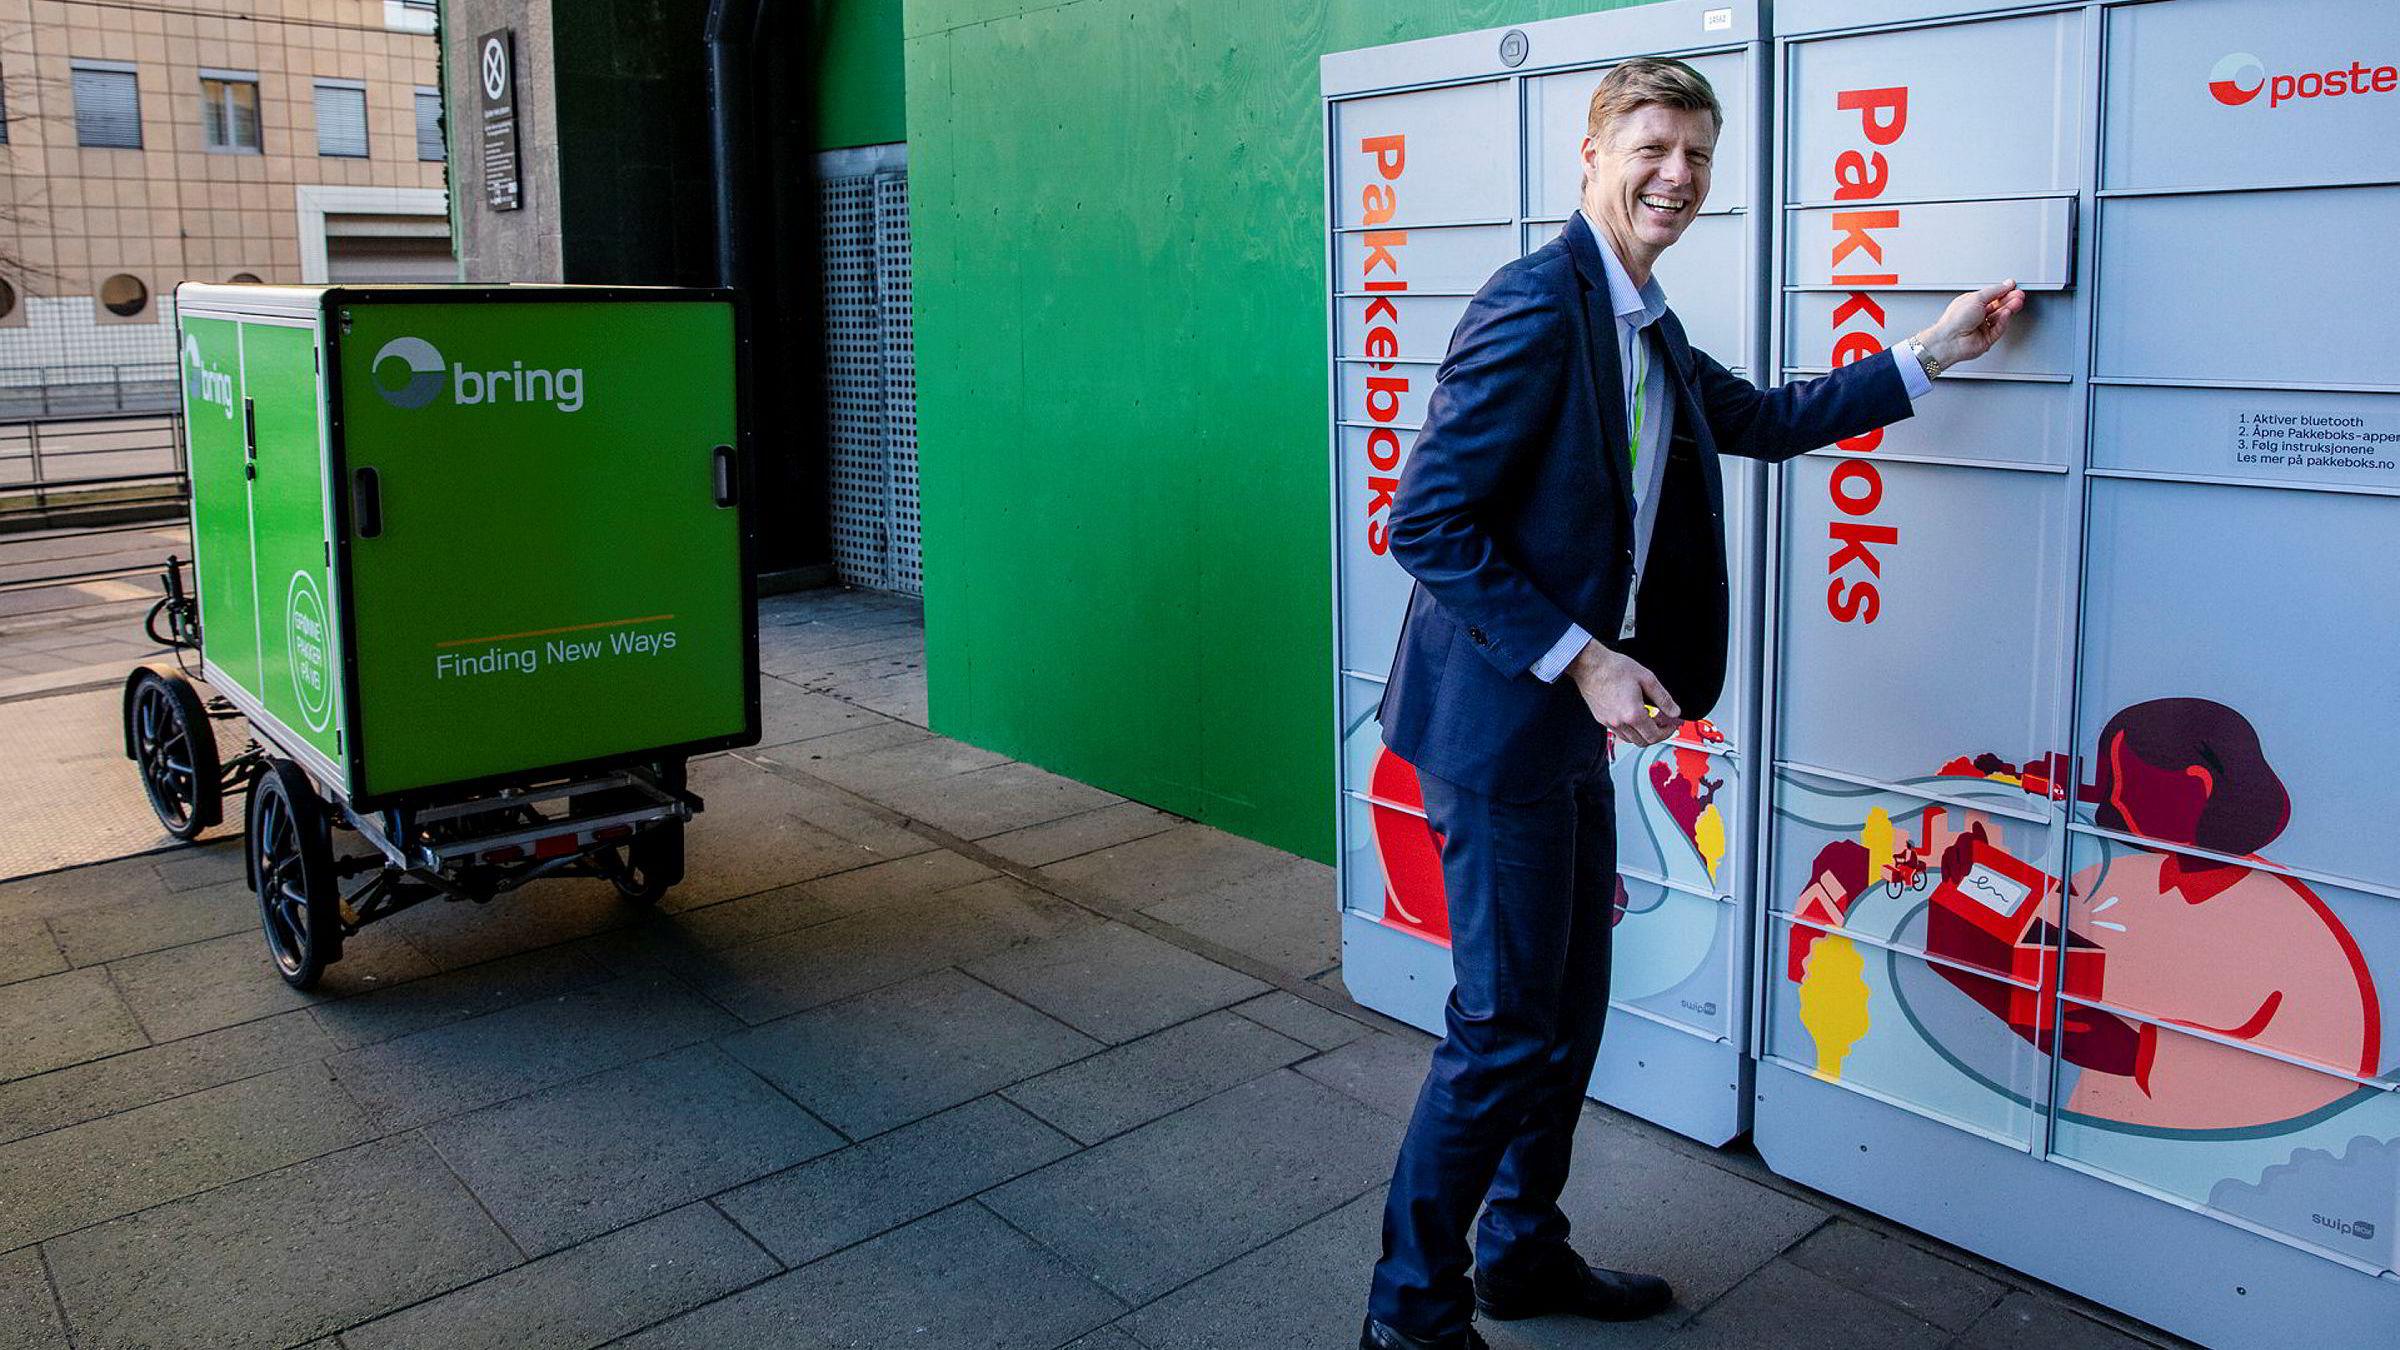 – Det som er fint med disse pakkeautomatene er at de er åpne døgnet rundt, sier konserndirektør Per Öhagen i Posten Norge.